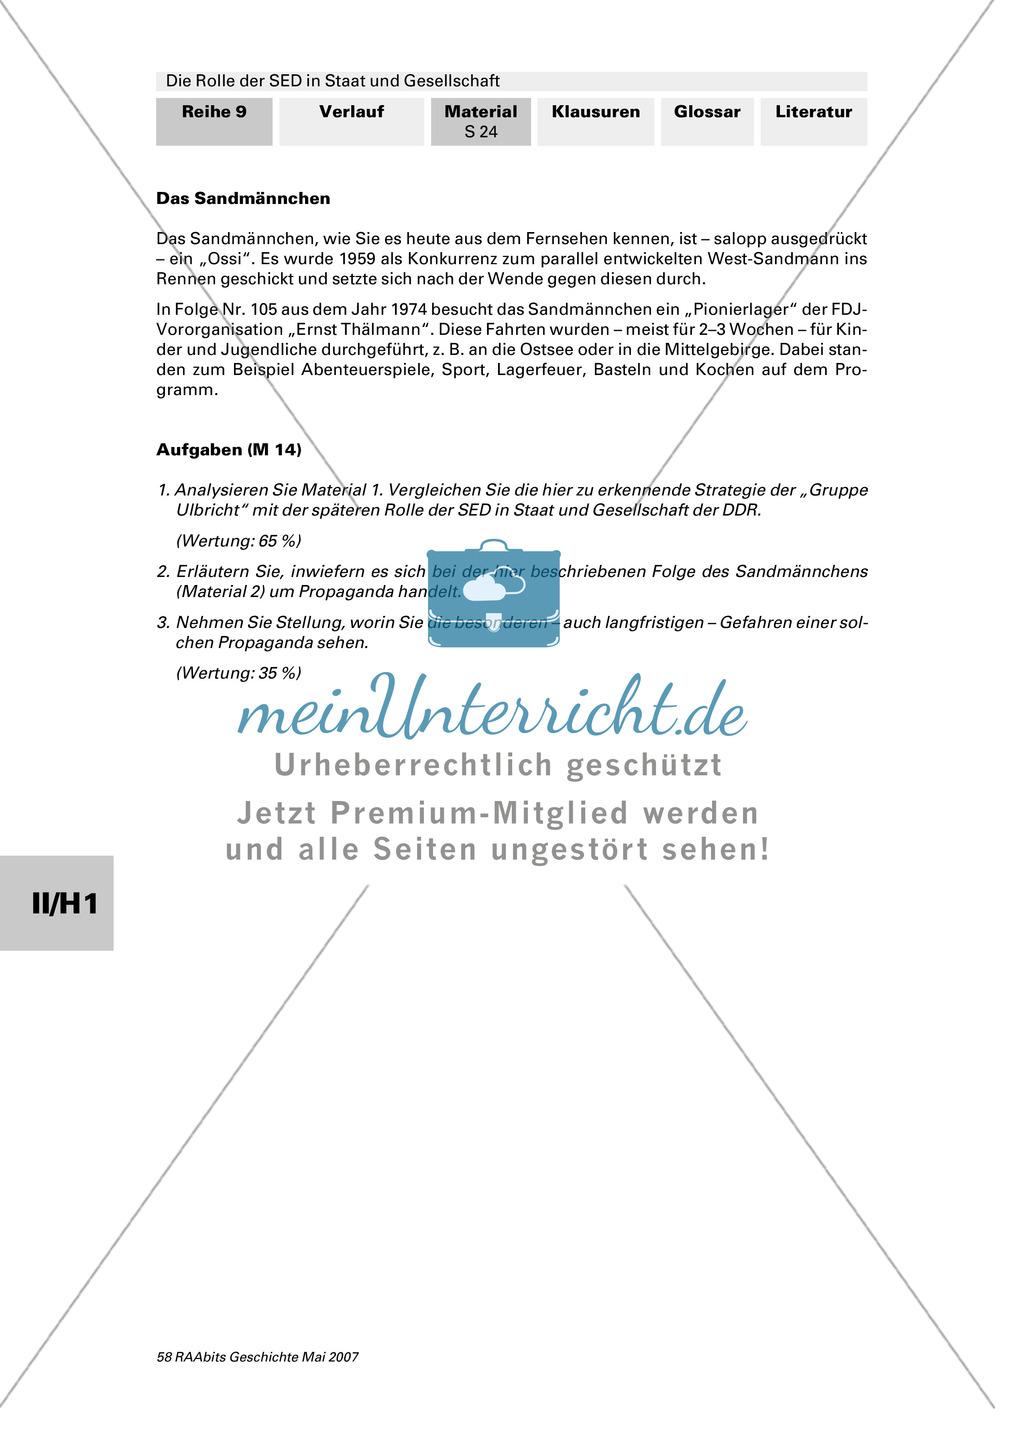 Die Rolle der SED in Staat und Gesellschaft. Preview 1